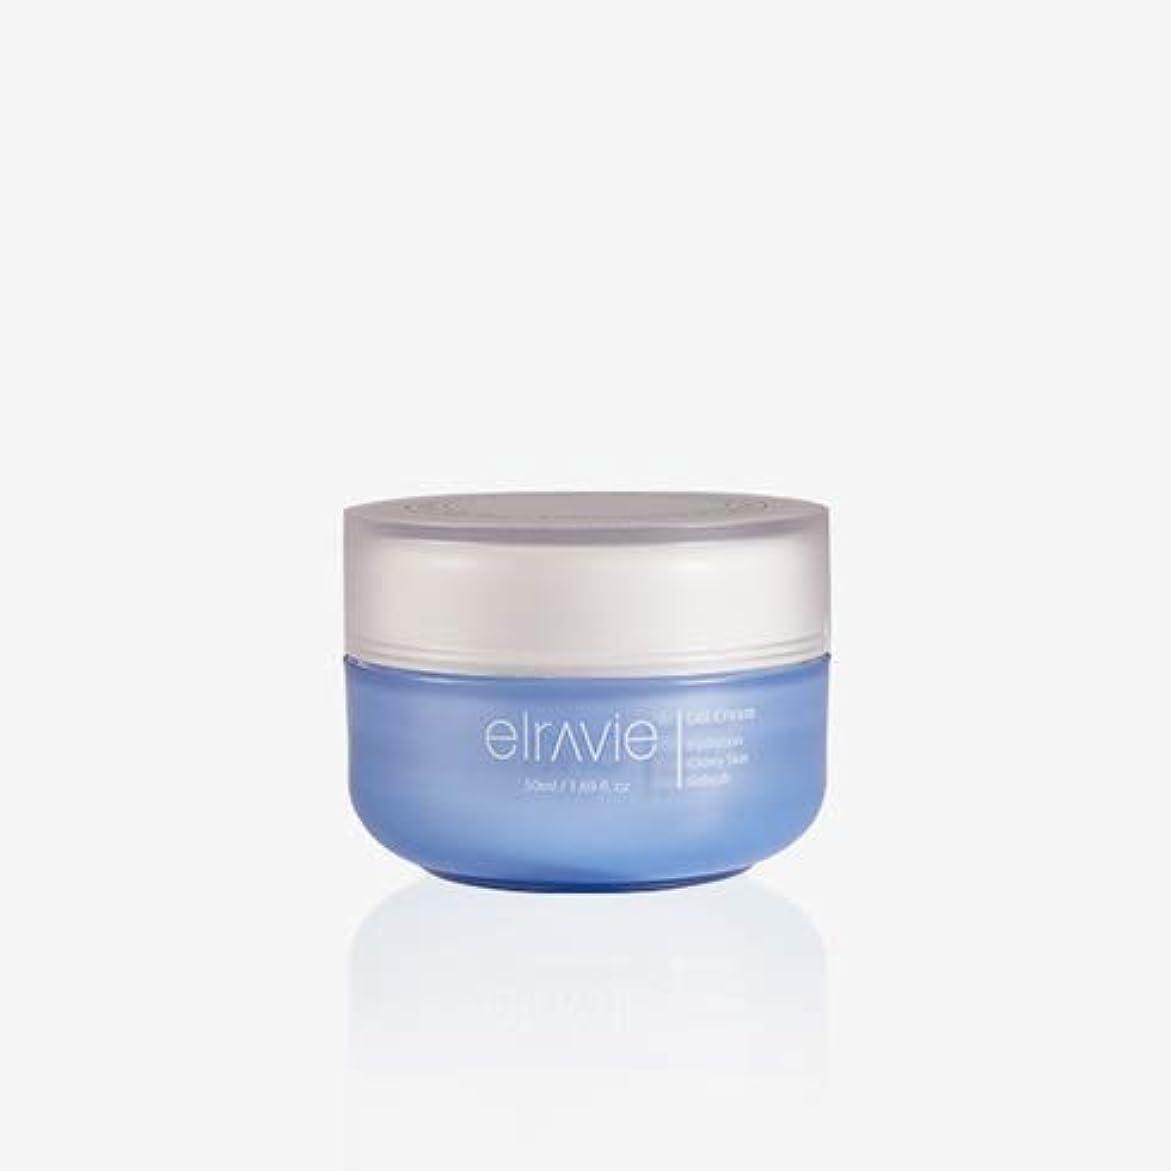 ブランドラビリンス後エラヴィー[Elravie] ダーマハイドロエクステンデッドハイジェルクリーム50ml / Derma Hydro Extended Hyal Gel Cream